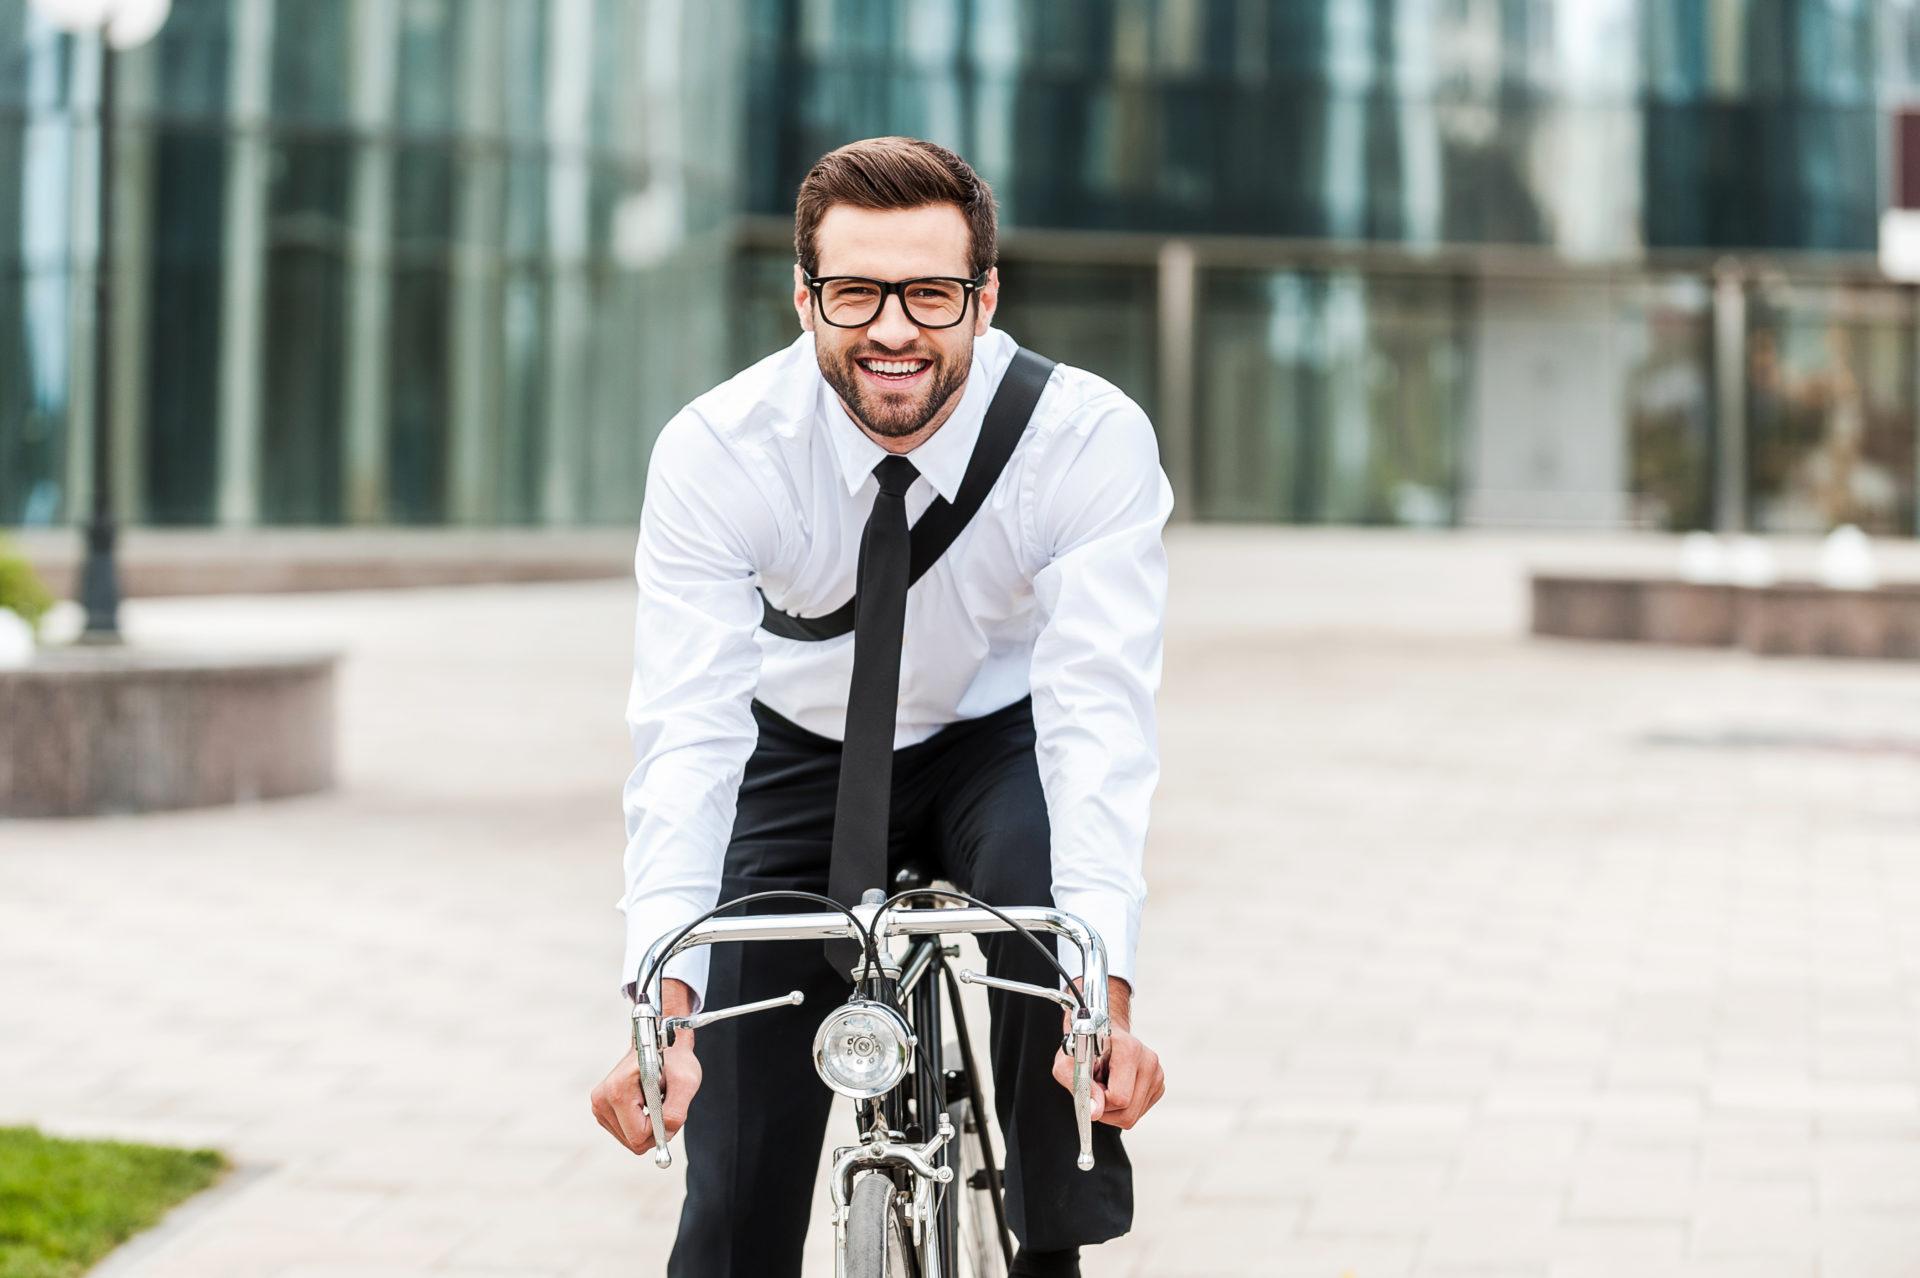 Fröhlicher Mann mit Anzug auf einem Fahrrad